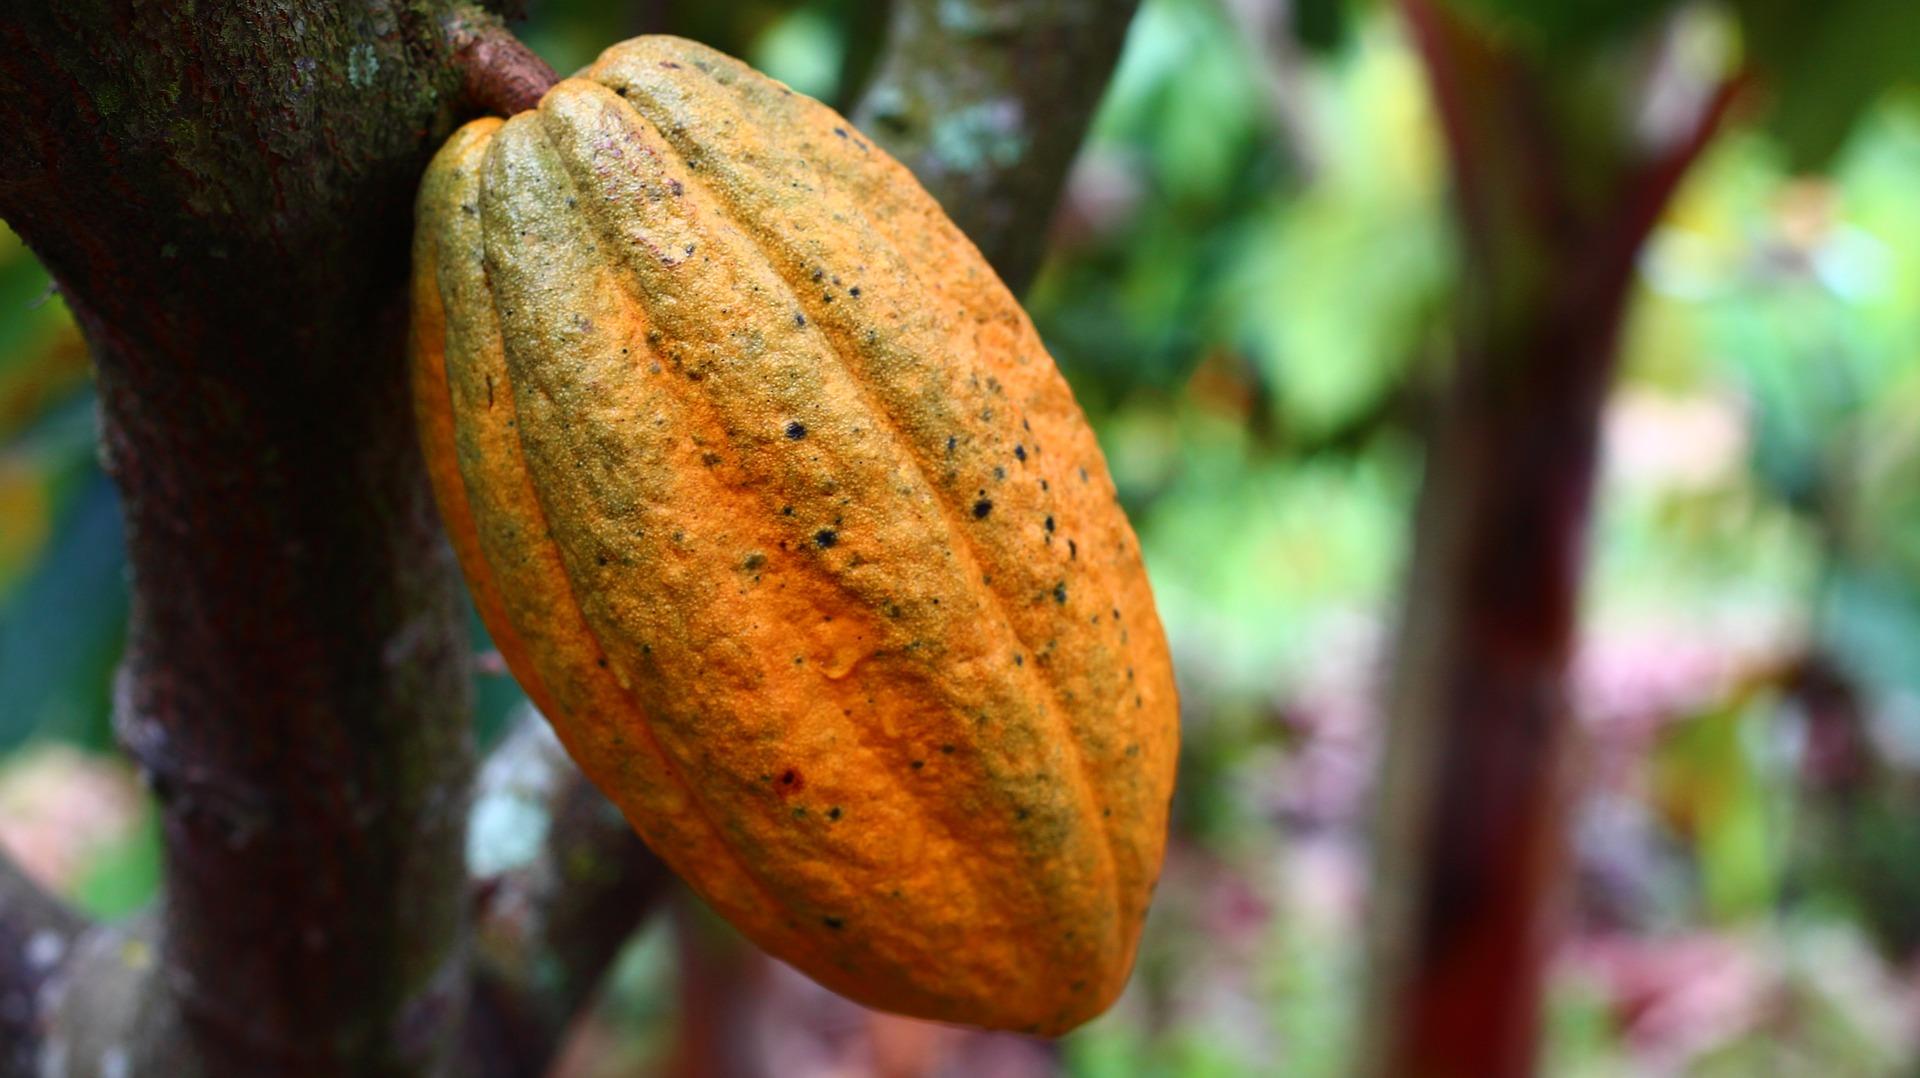 Le cacao cru, extrait de la cabosse de cacaoyer, bienfaits et danger.